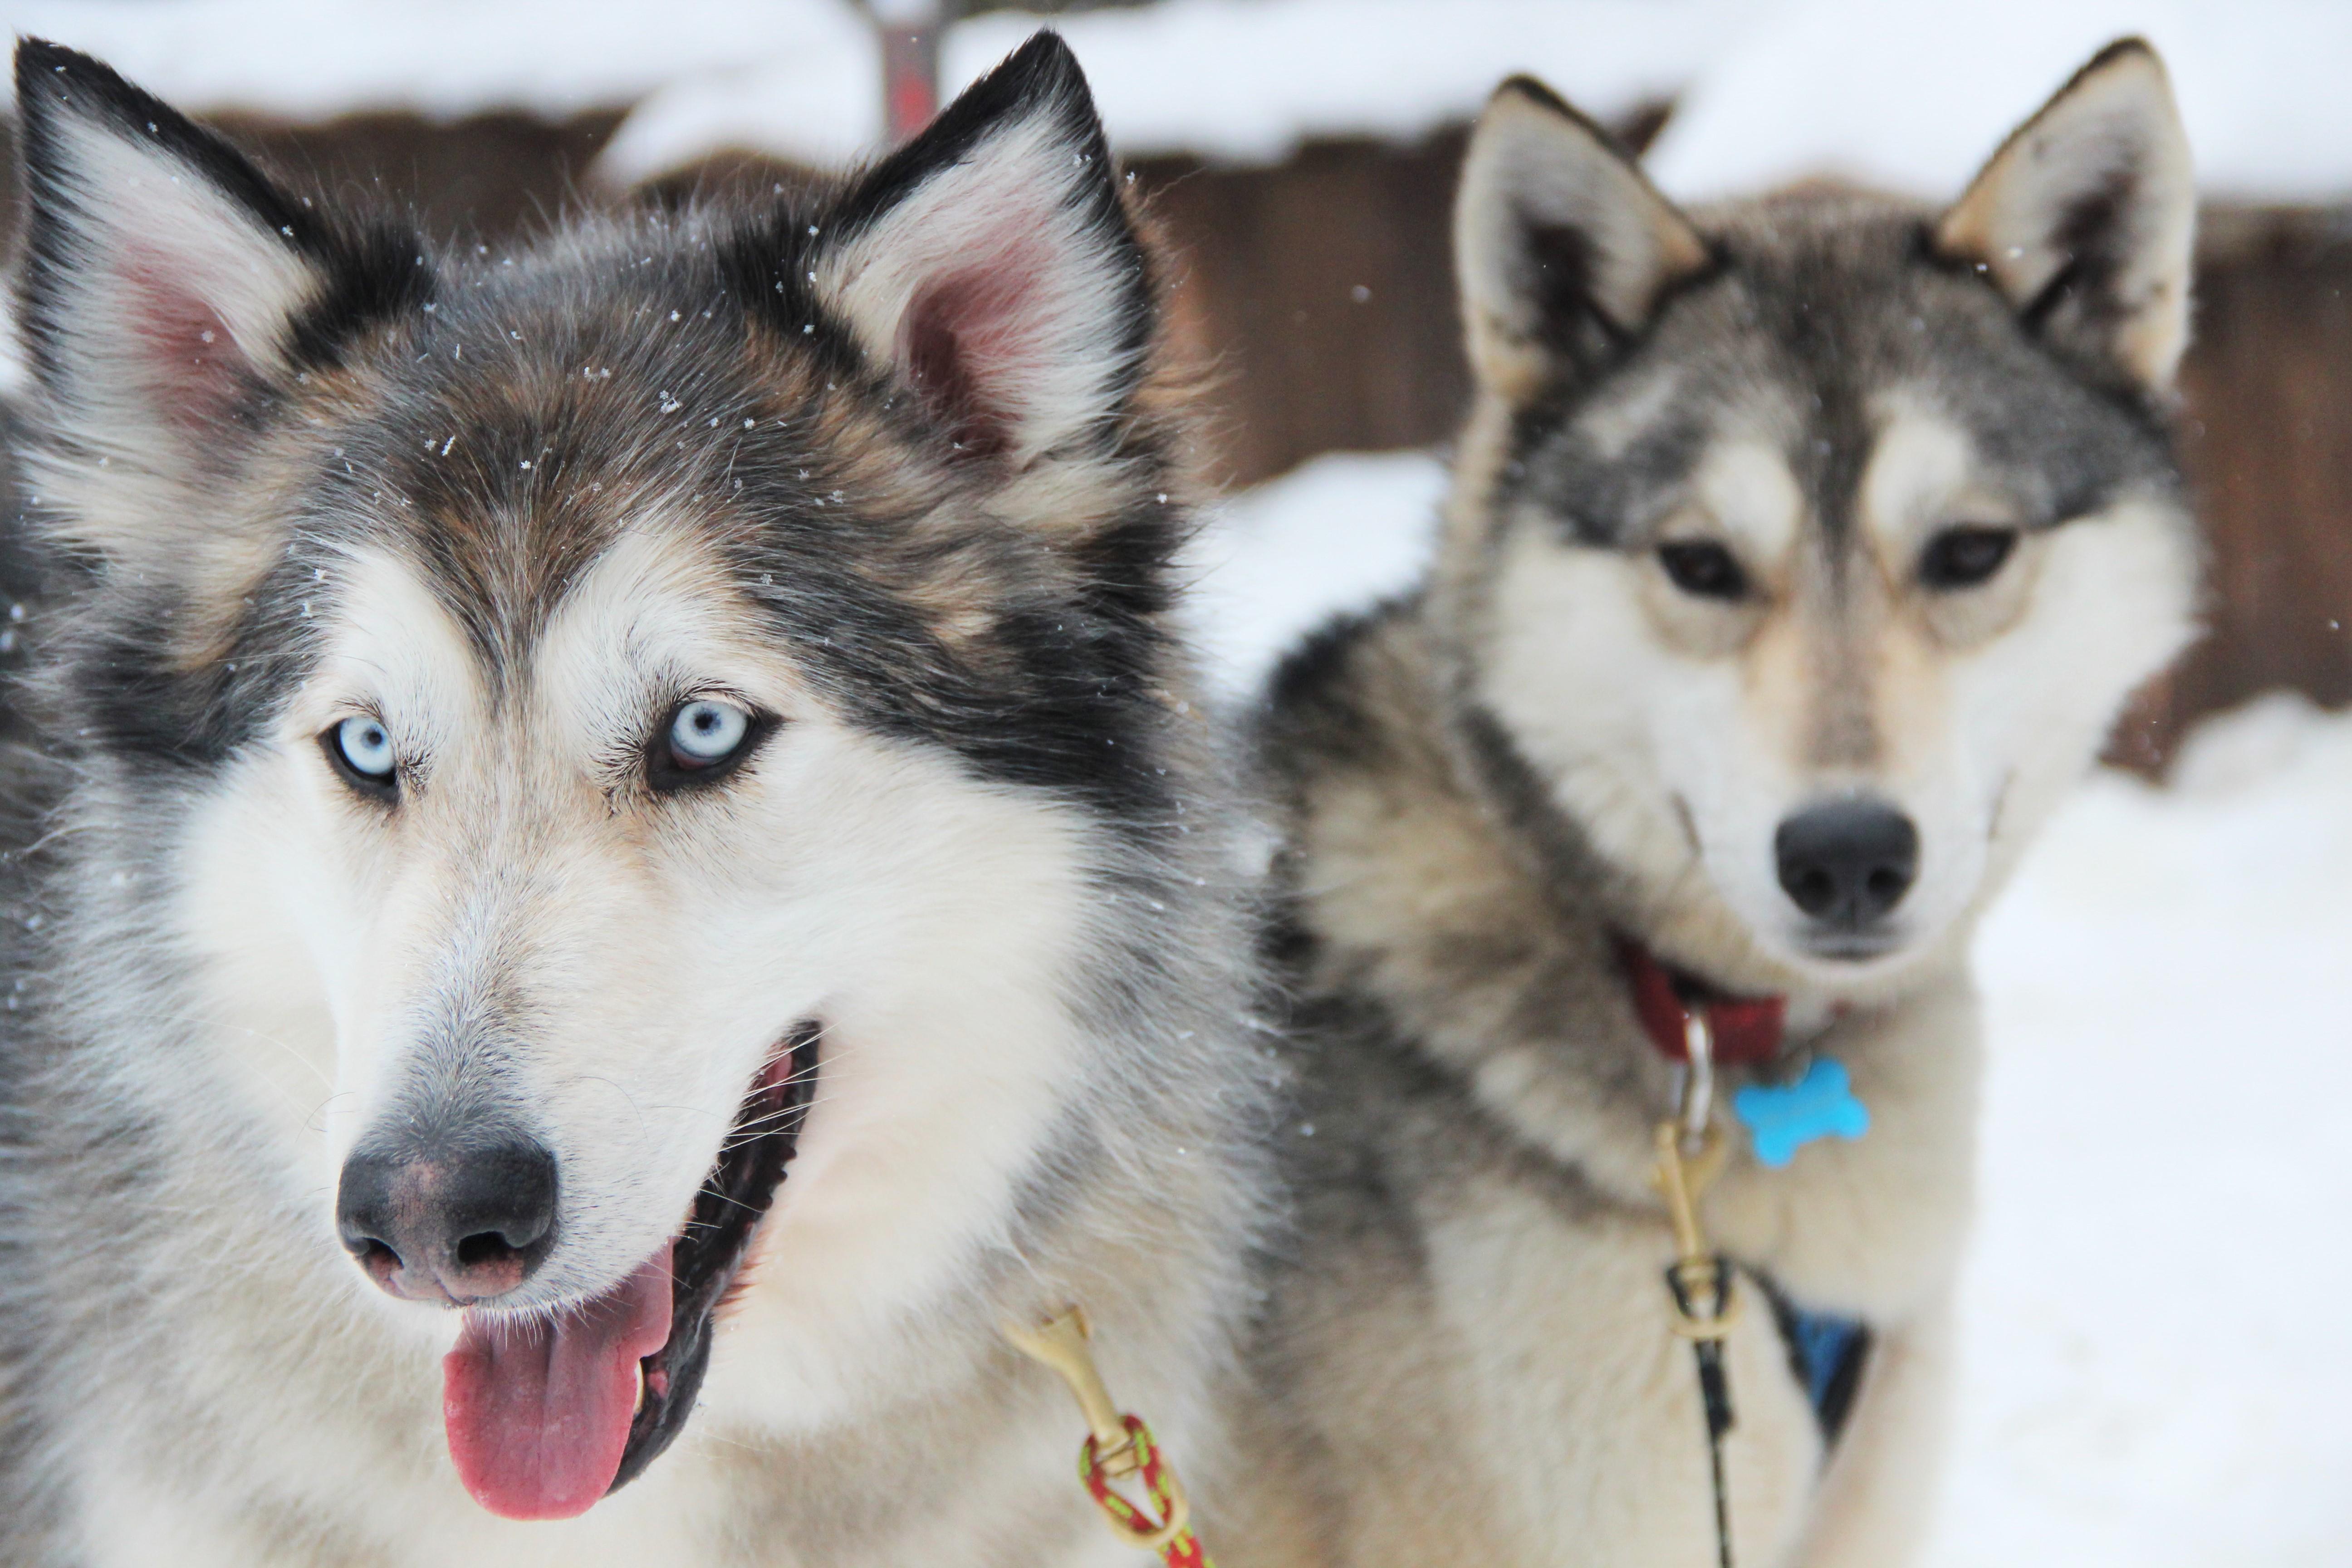 chien-ours-kiruna-suede-mylittleroad